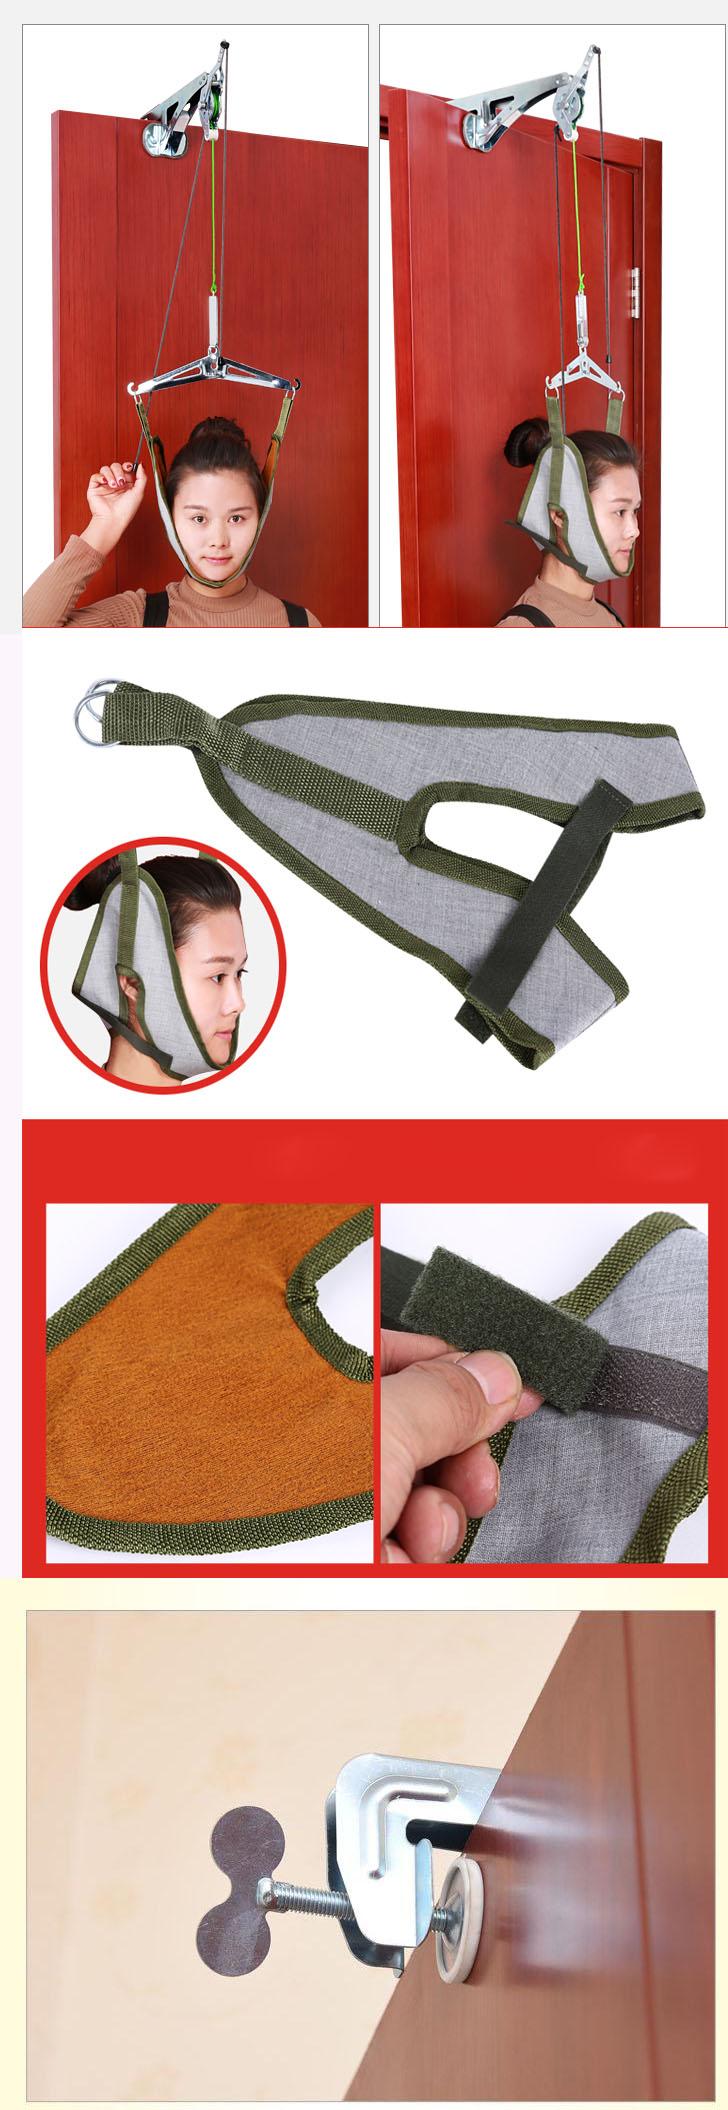 thiết bị dụng cụ kéo giãn đốt sống cổ - kéo cổ vật lý trị liệu 8 3